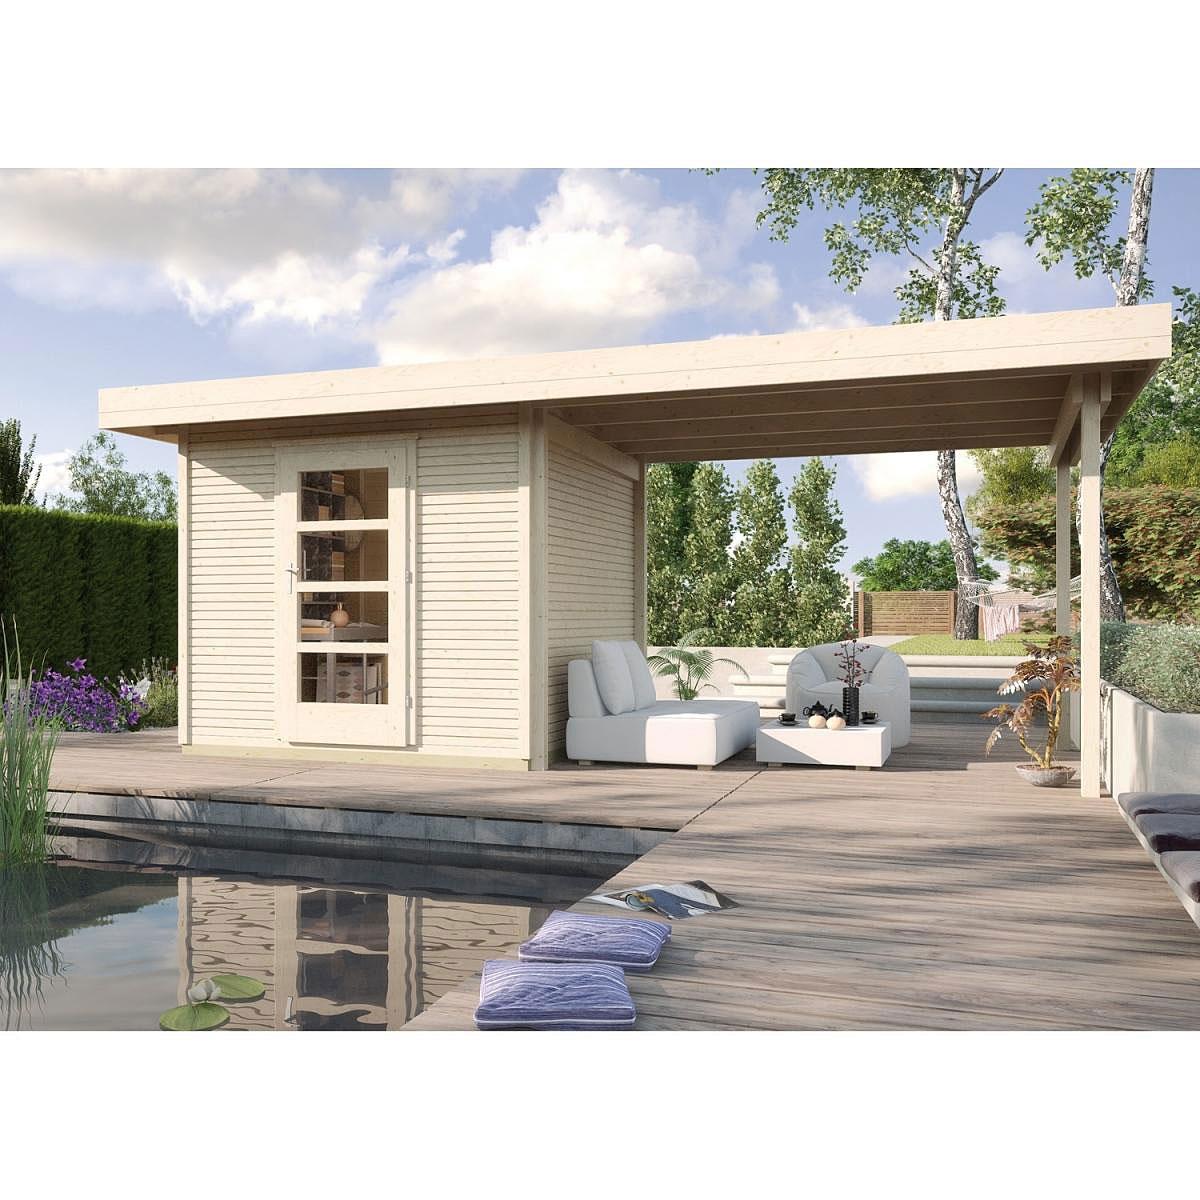 Weka Holz-Gartenhaus wekaLine Natur 300 cm x 295 cm mit Anbau 300 cm